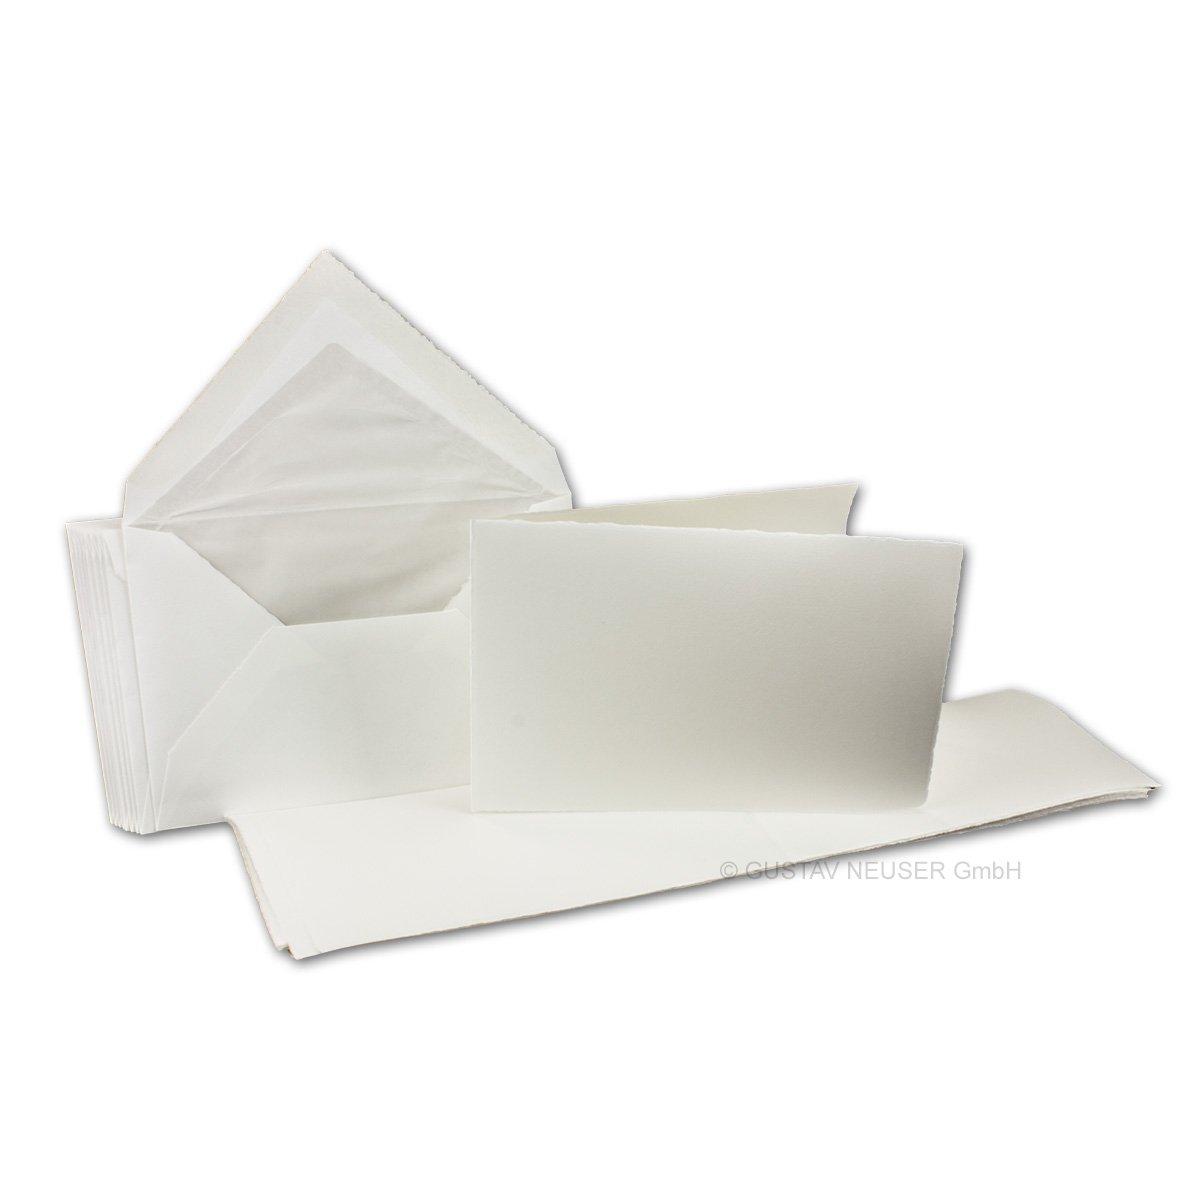 Bianco Buste da lettera foderate in formato B6 ////Colore Set di biglietti di carta integralmente realizzata a mano////40/pezzi//// Biglietti